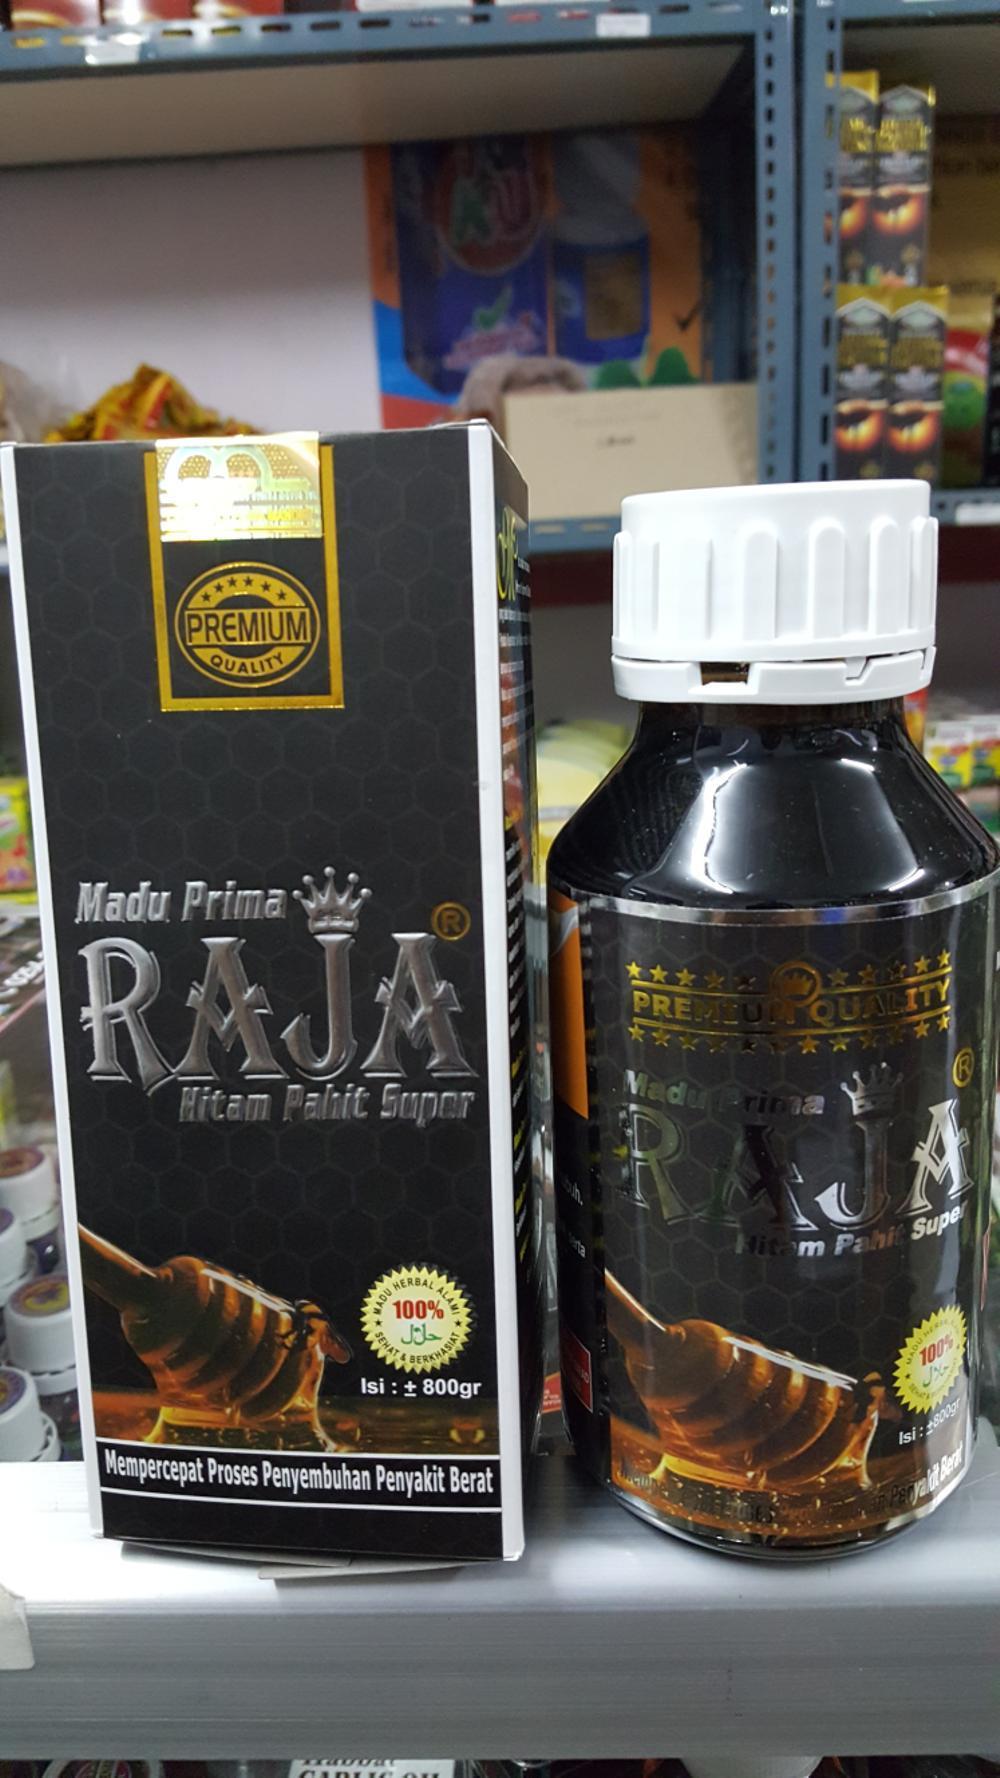 Beli Madu Pahit Hitam Super Bima 99 1botol Harga Rp 65000 Prima Raja Originalmadu Super800 Gram Di Lapak Kios Bunda Topmanagercilegon01